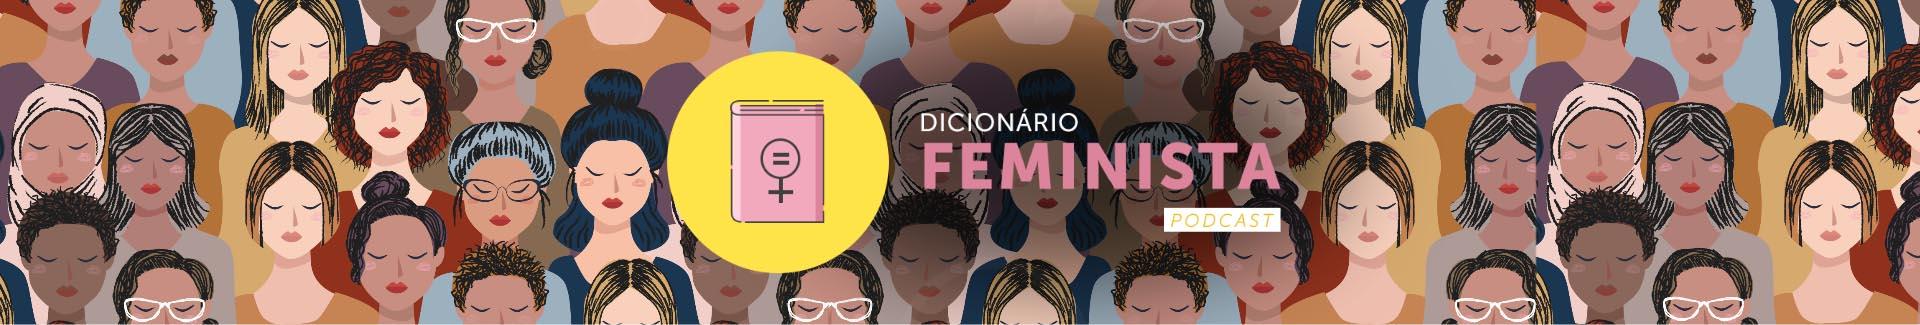 banner_dicionario_feminista